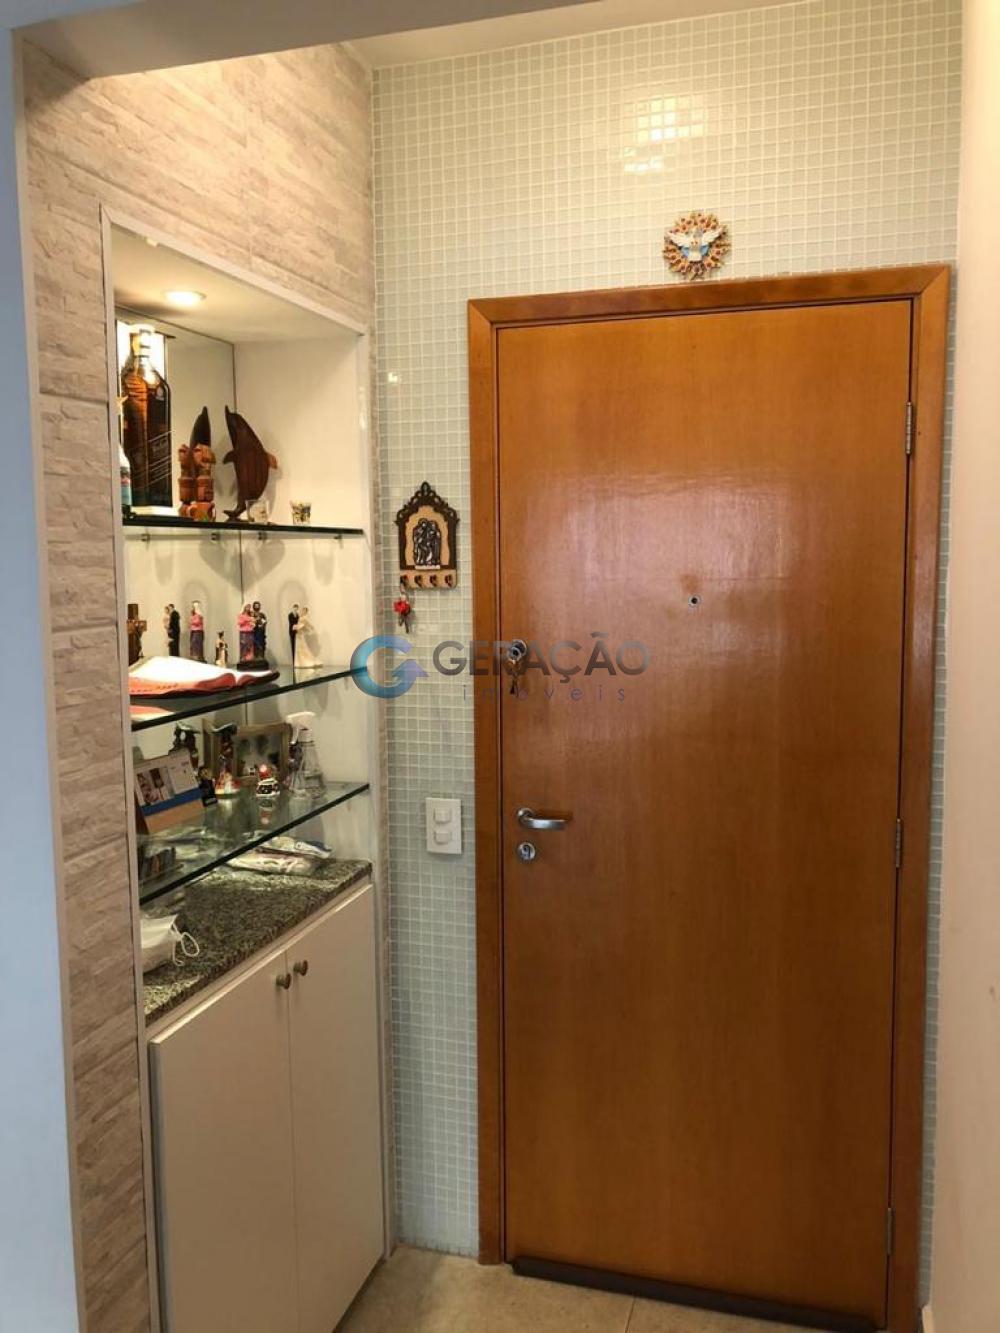 Comprar Apartamento / Padrão em São Paulo apenas R$ 1.300.000,00 - Foto 4